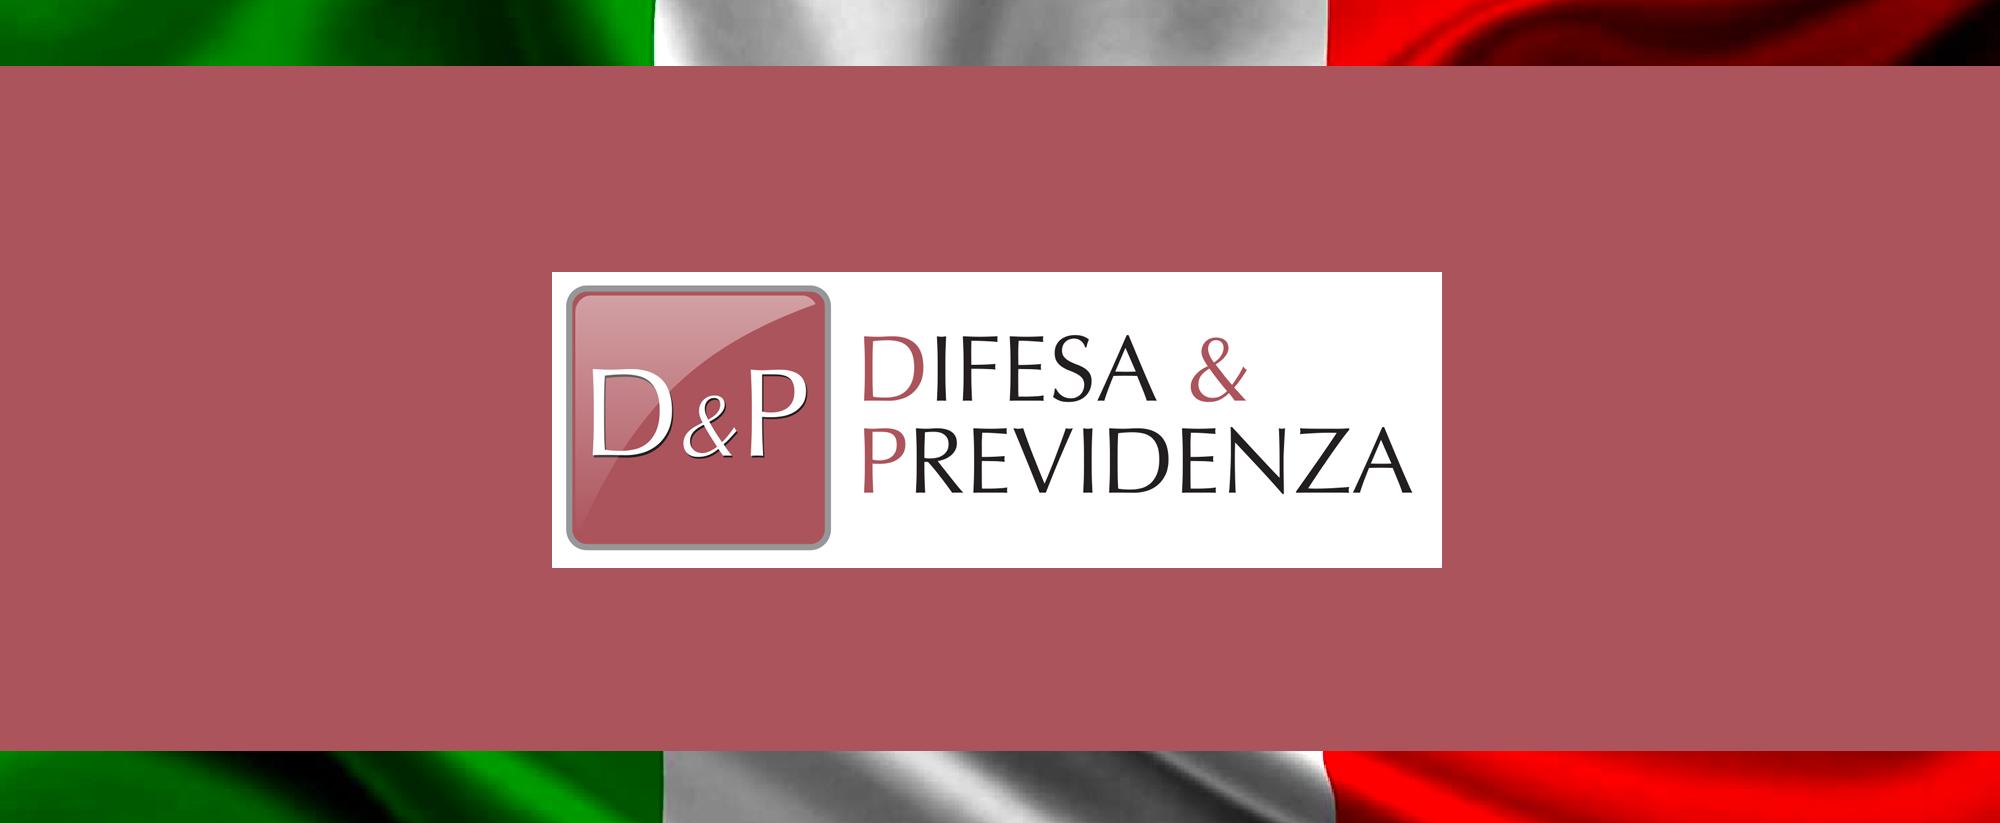 Costituita Associazione per i conteggi pensionistici e la Consulenza stragiudiziale in materia previdenziale ed assistenziale